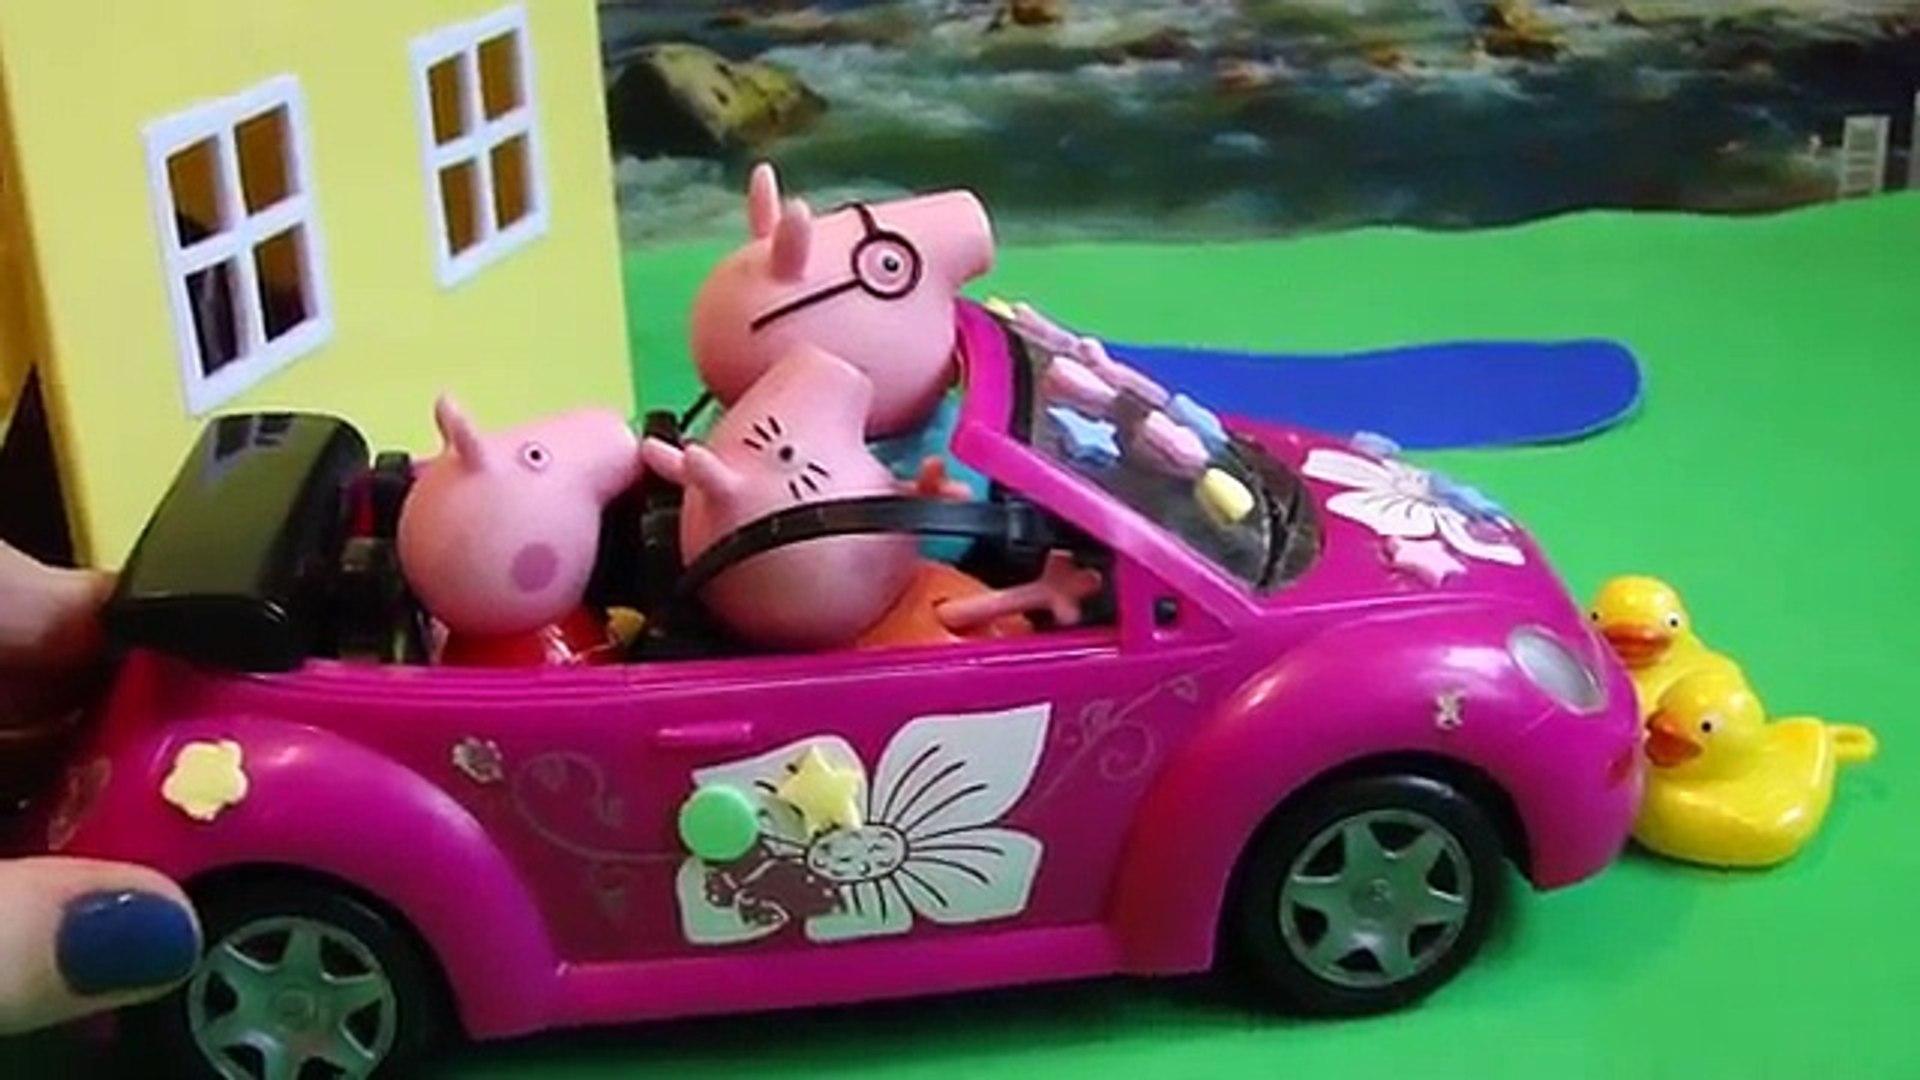 Свинка Пеппа. Папа Черепаха учится водить машину. Принц в доме Пепы